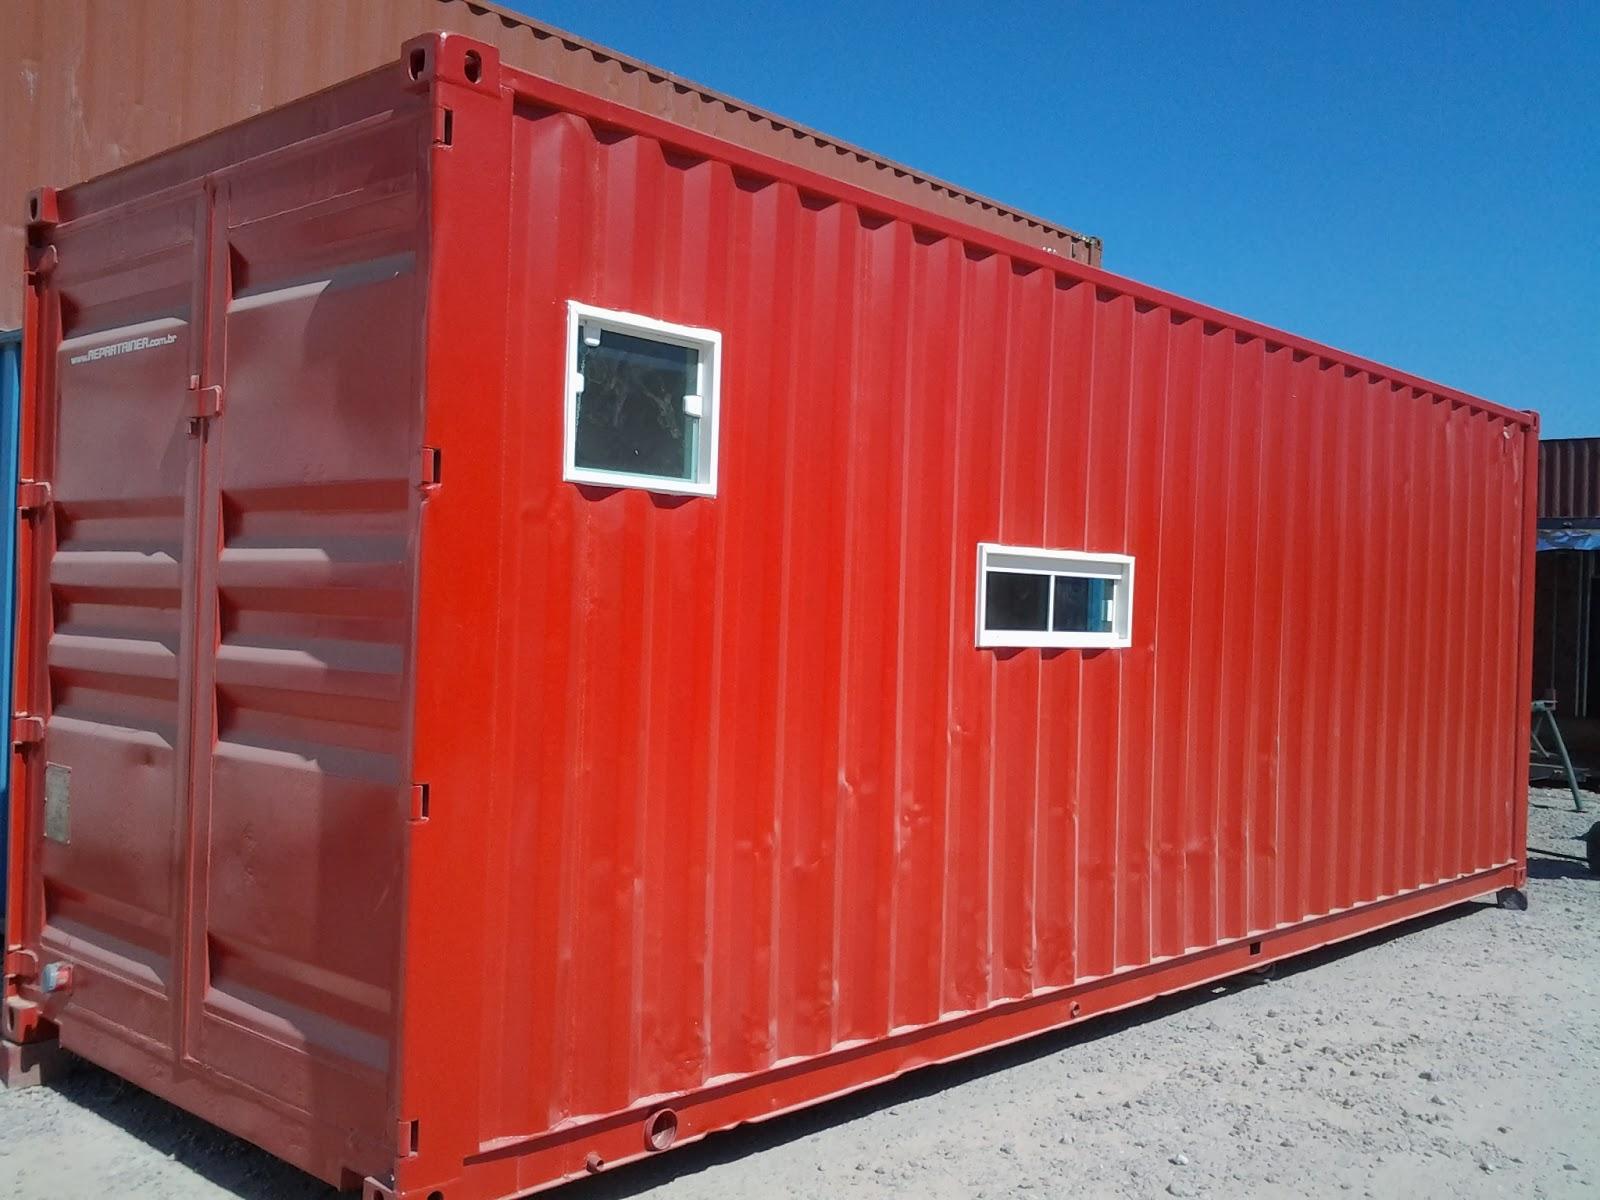 Projetos e Comércio de Containers: CASA CONTAINER SHOWROOM #A72C24 1600x1200 Banheiro De Container